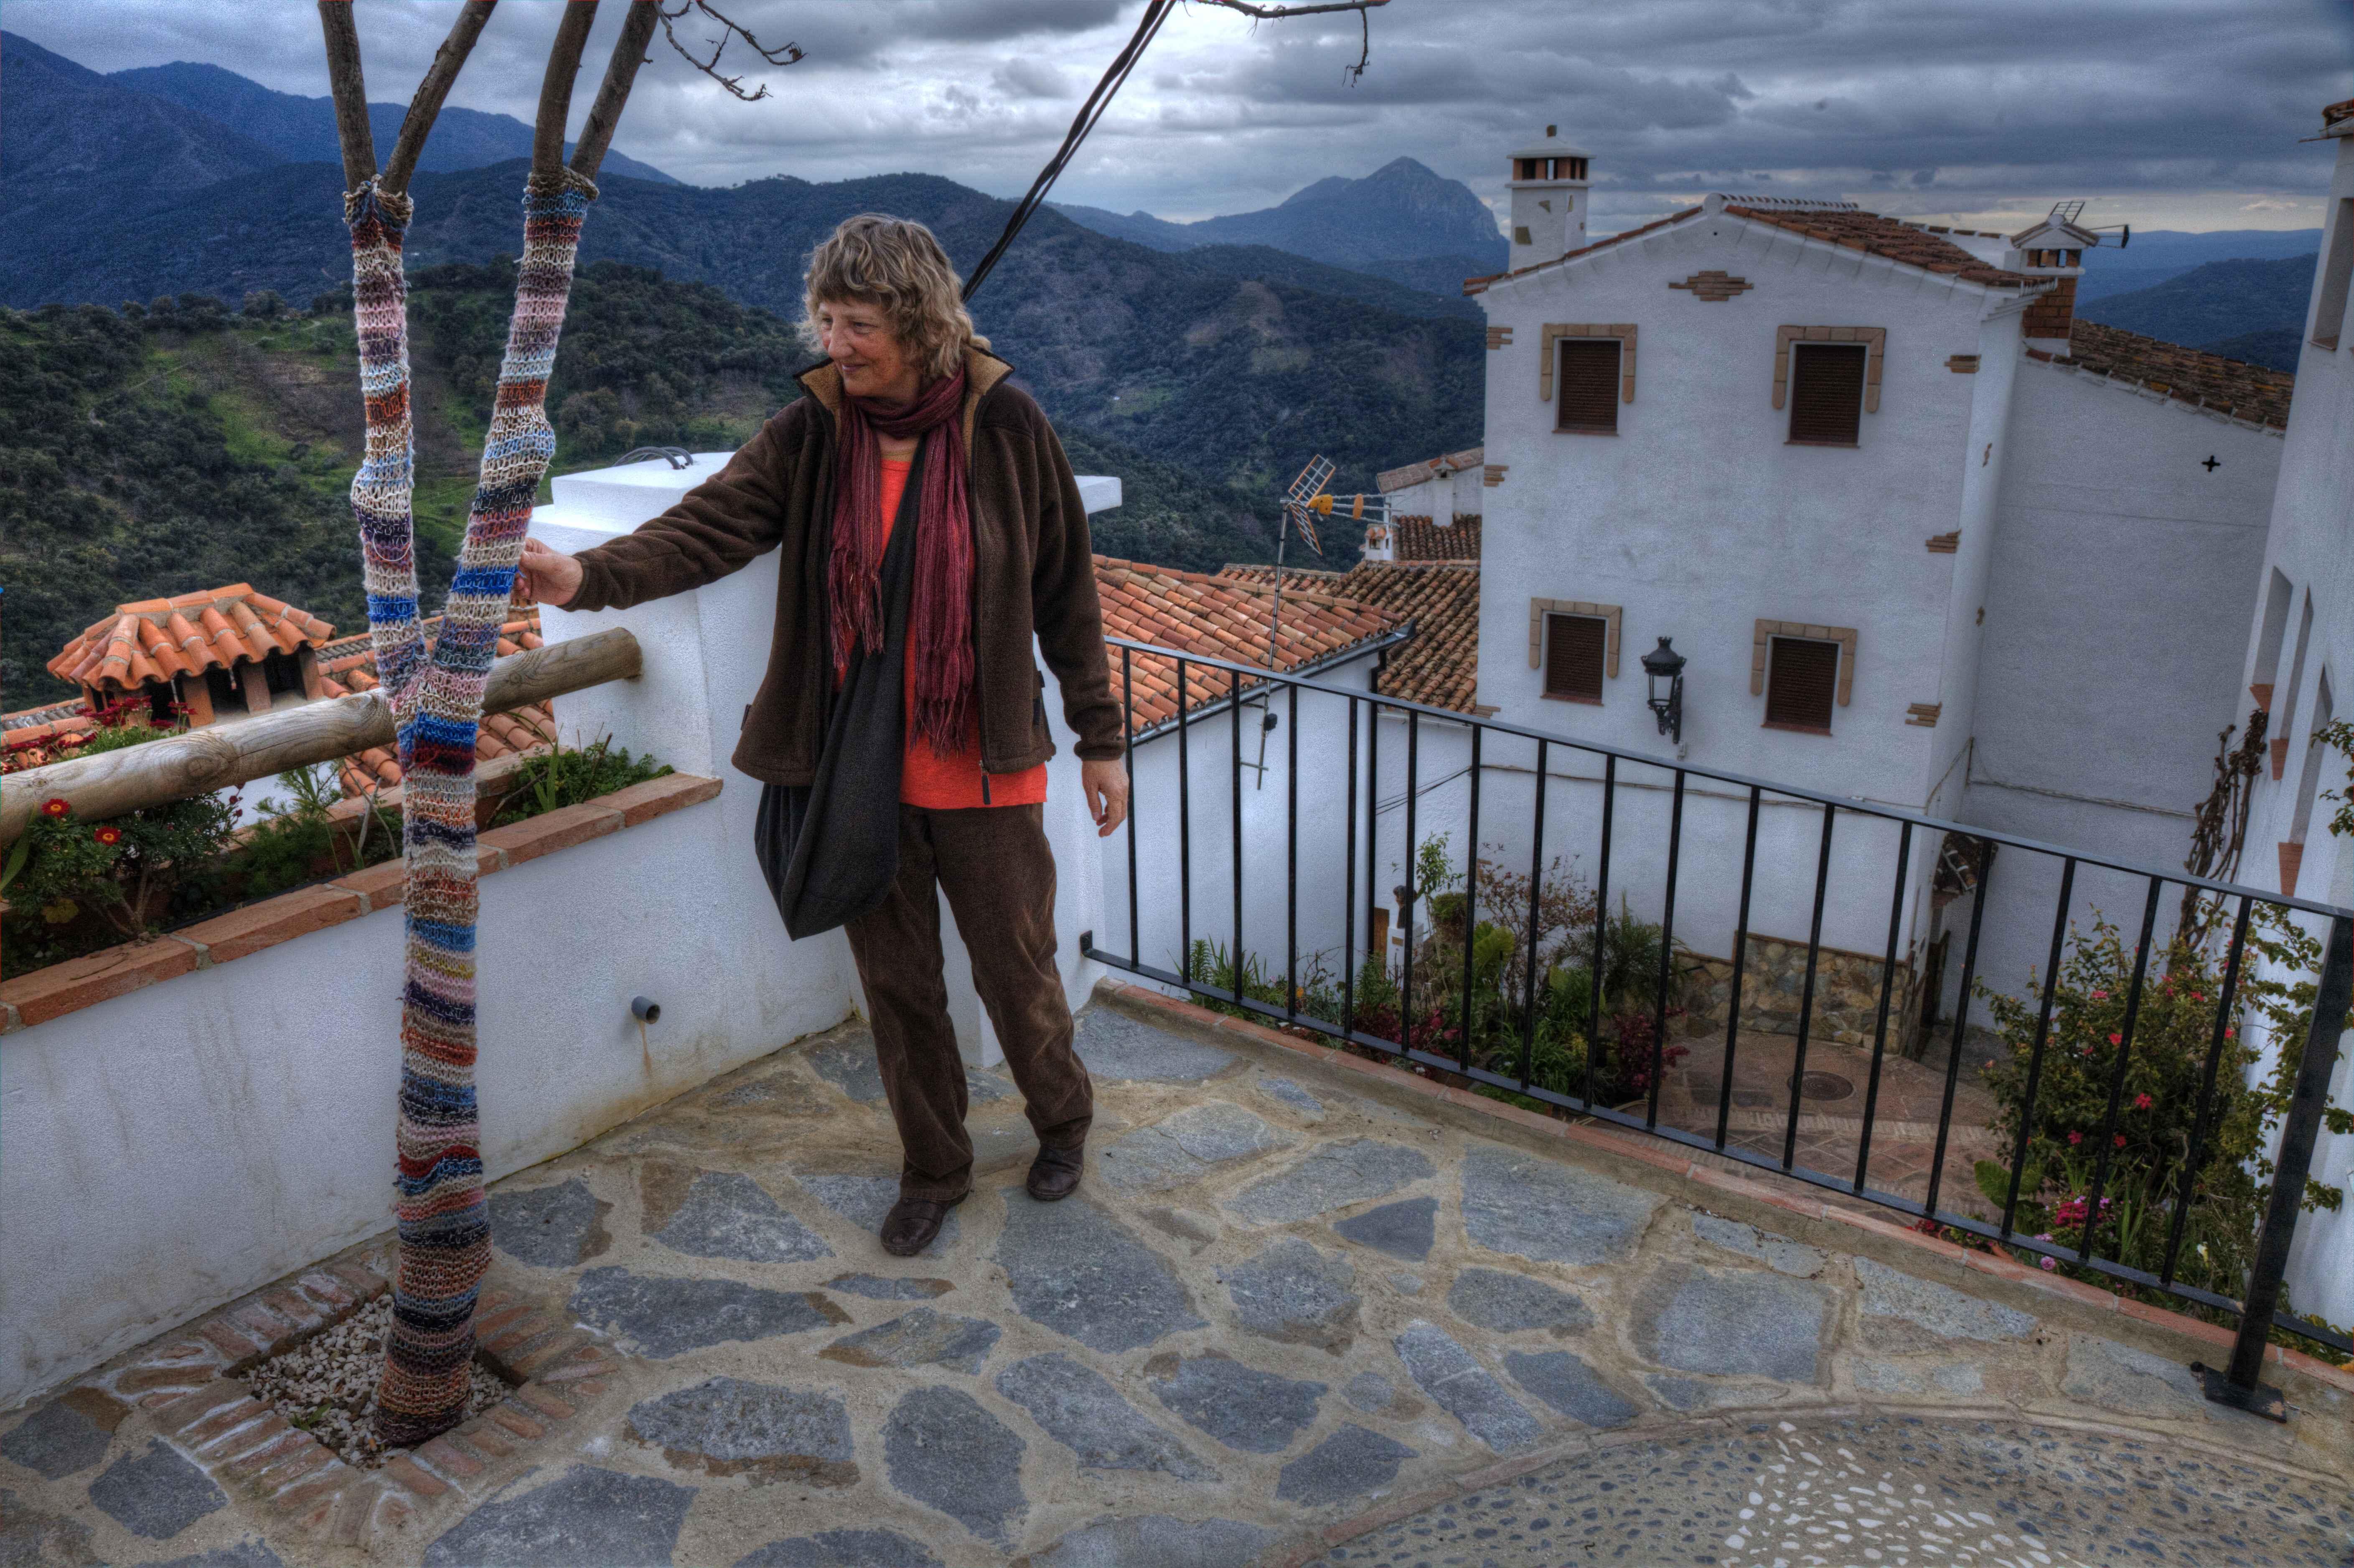 Fra El Burgo over Genalguacil, Gaucin, Zahara, Algeciras, Gibraltar og tilbage